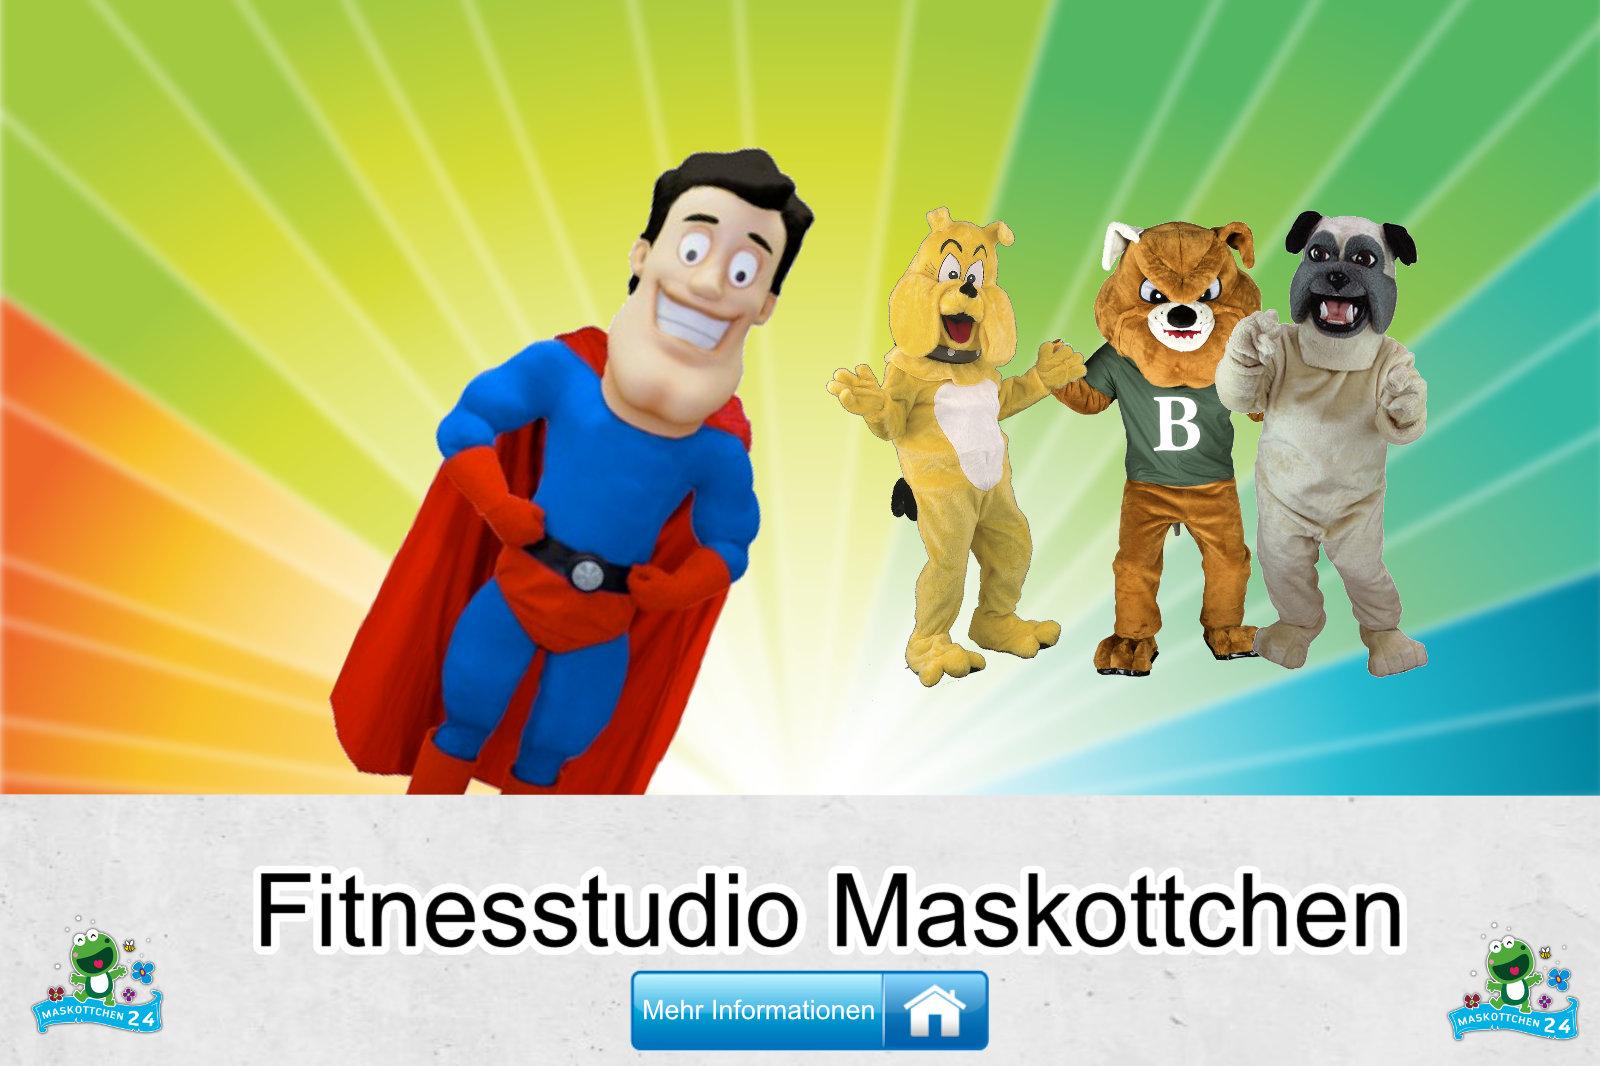 Fitnesstudio Kostüme Maskottchen Herstellung Firma günstig kaufen